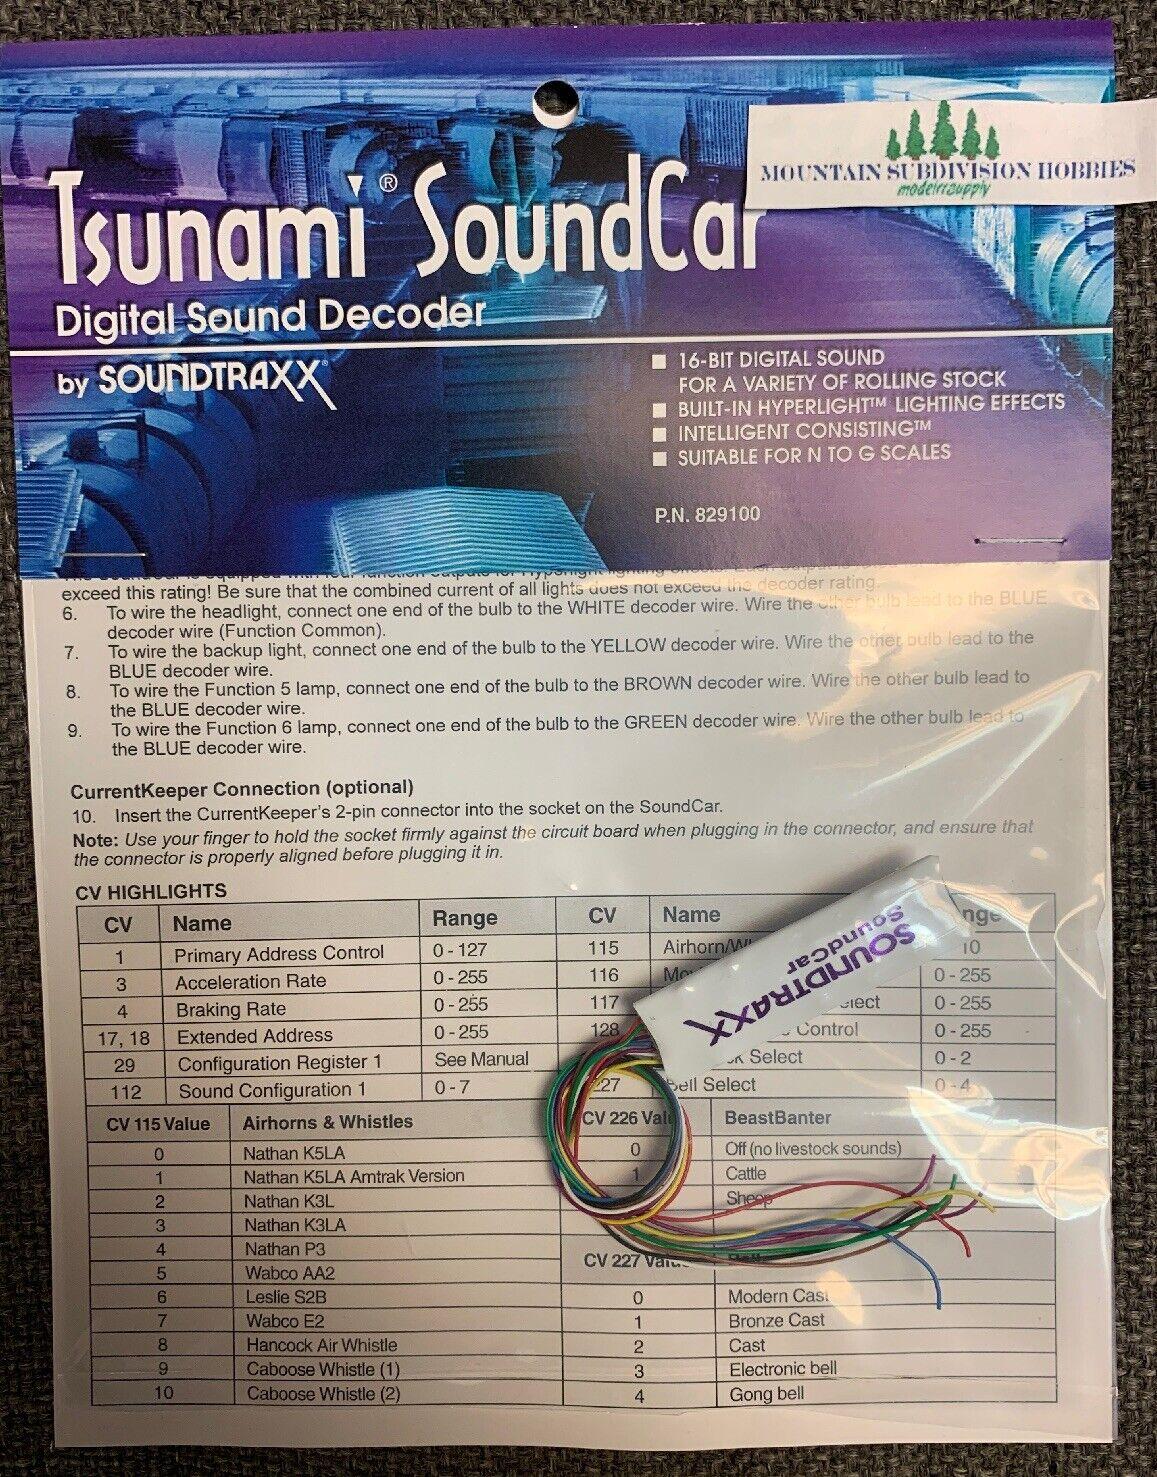 comprar descuentos Decodificador de de de Sonido SoundCoche Soundtraxx Tsunami 829100 N Ho O G escalas modelrrsupply  suministro de productos de calidad